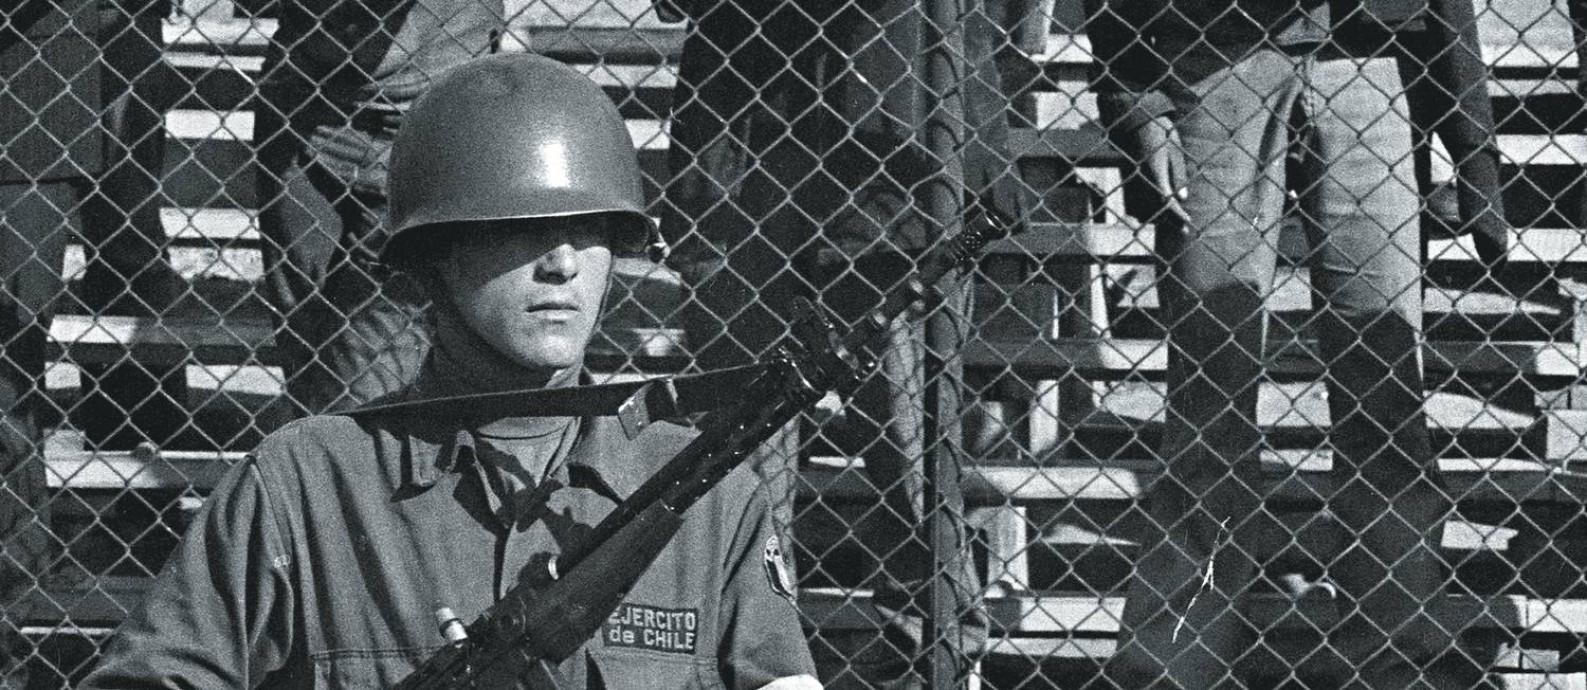 No Chile, a ditadura de Augusto Pinochet deixou mais de 40 mil vítimas entre torturados, mortos e desaparecidos. Foto: Bettmann Archive / Getty Images